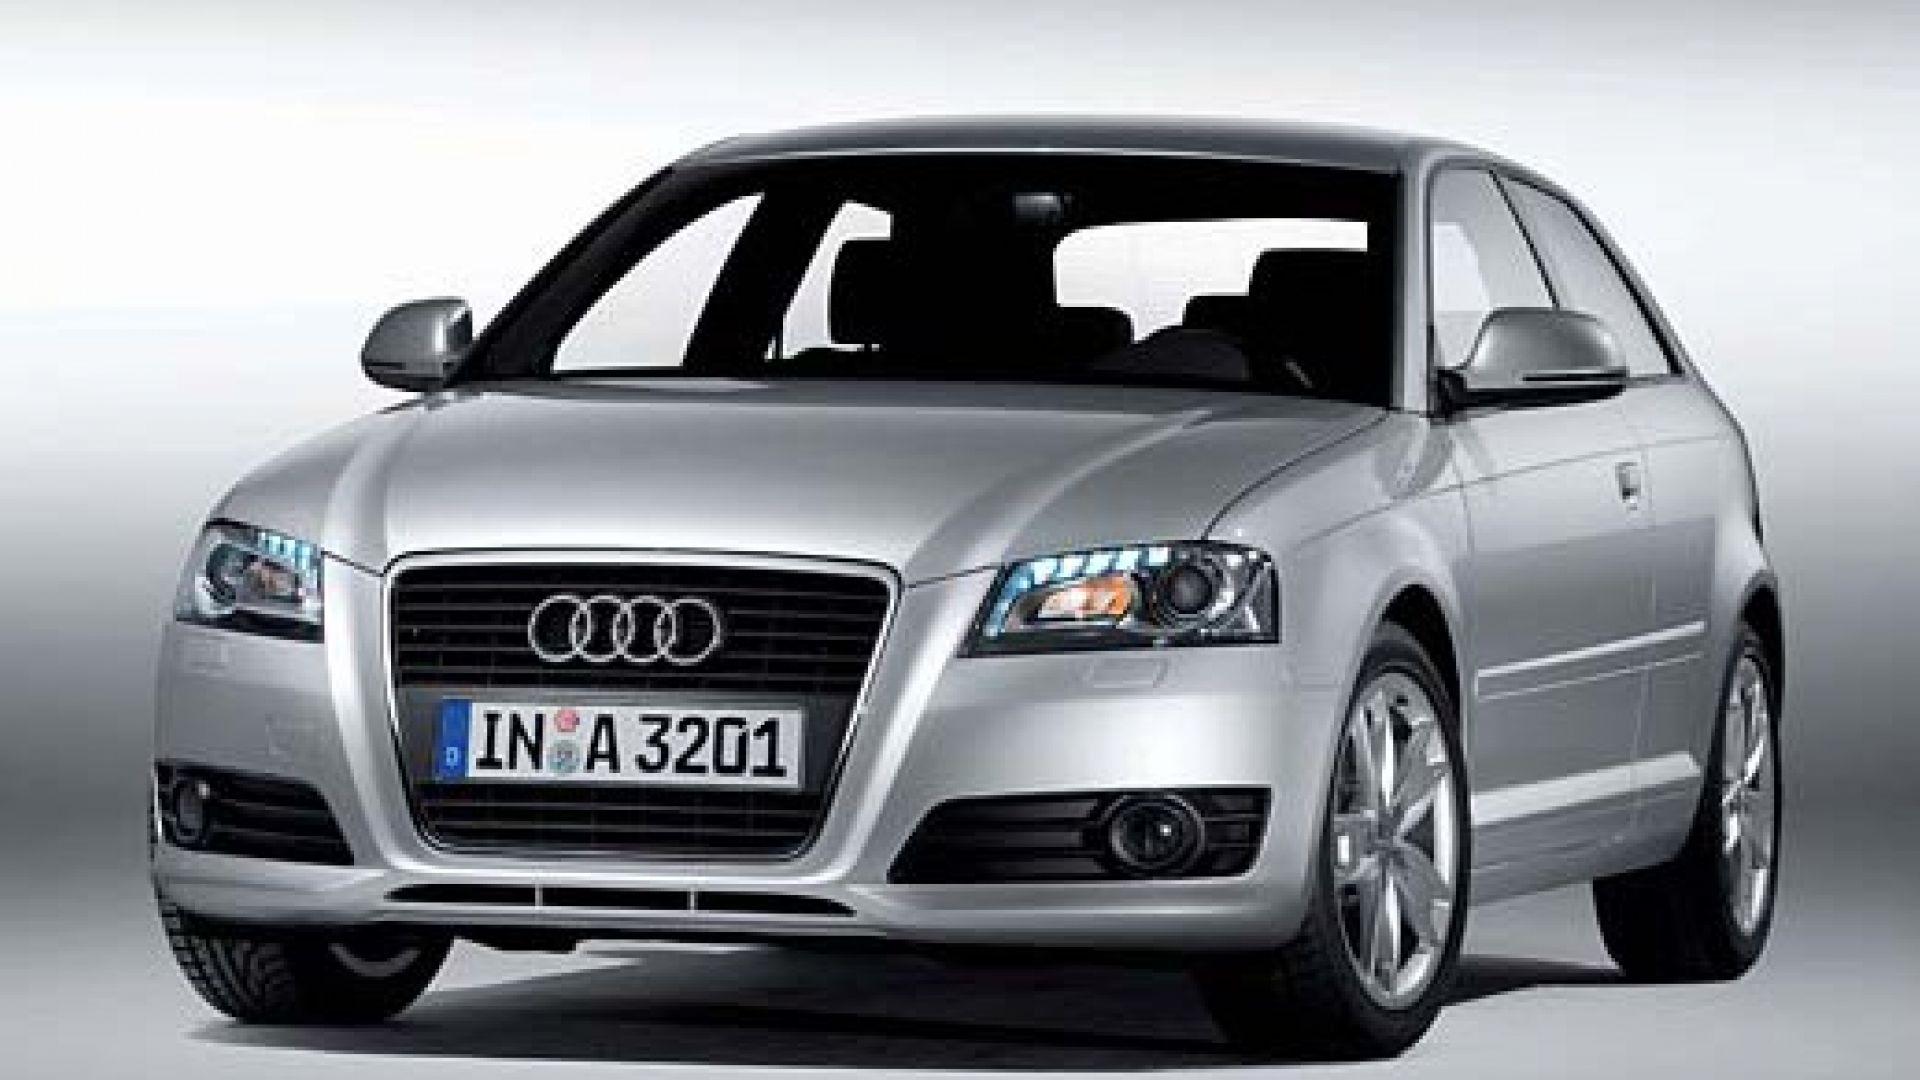 Immagine 54: Le auto più affidabili secondo l'ADAC